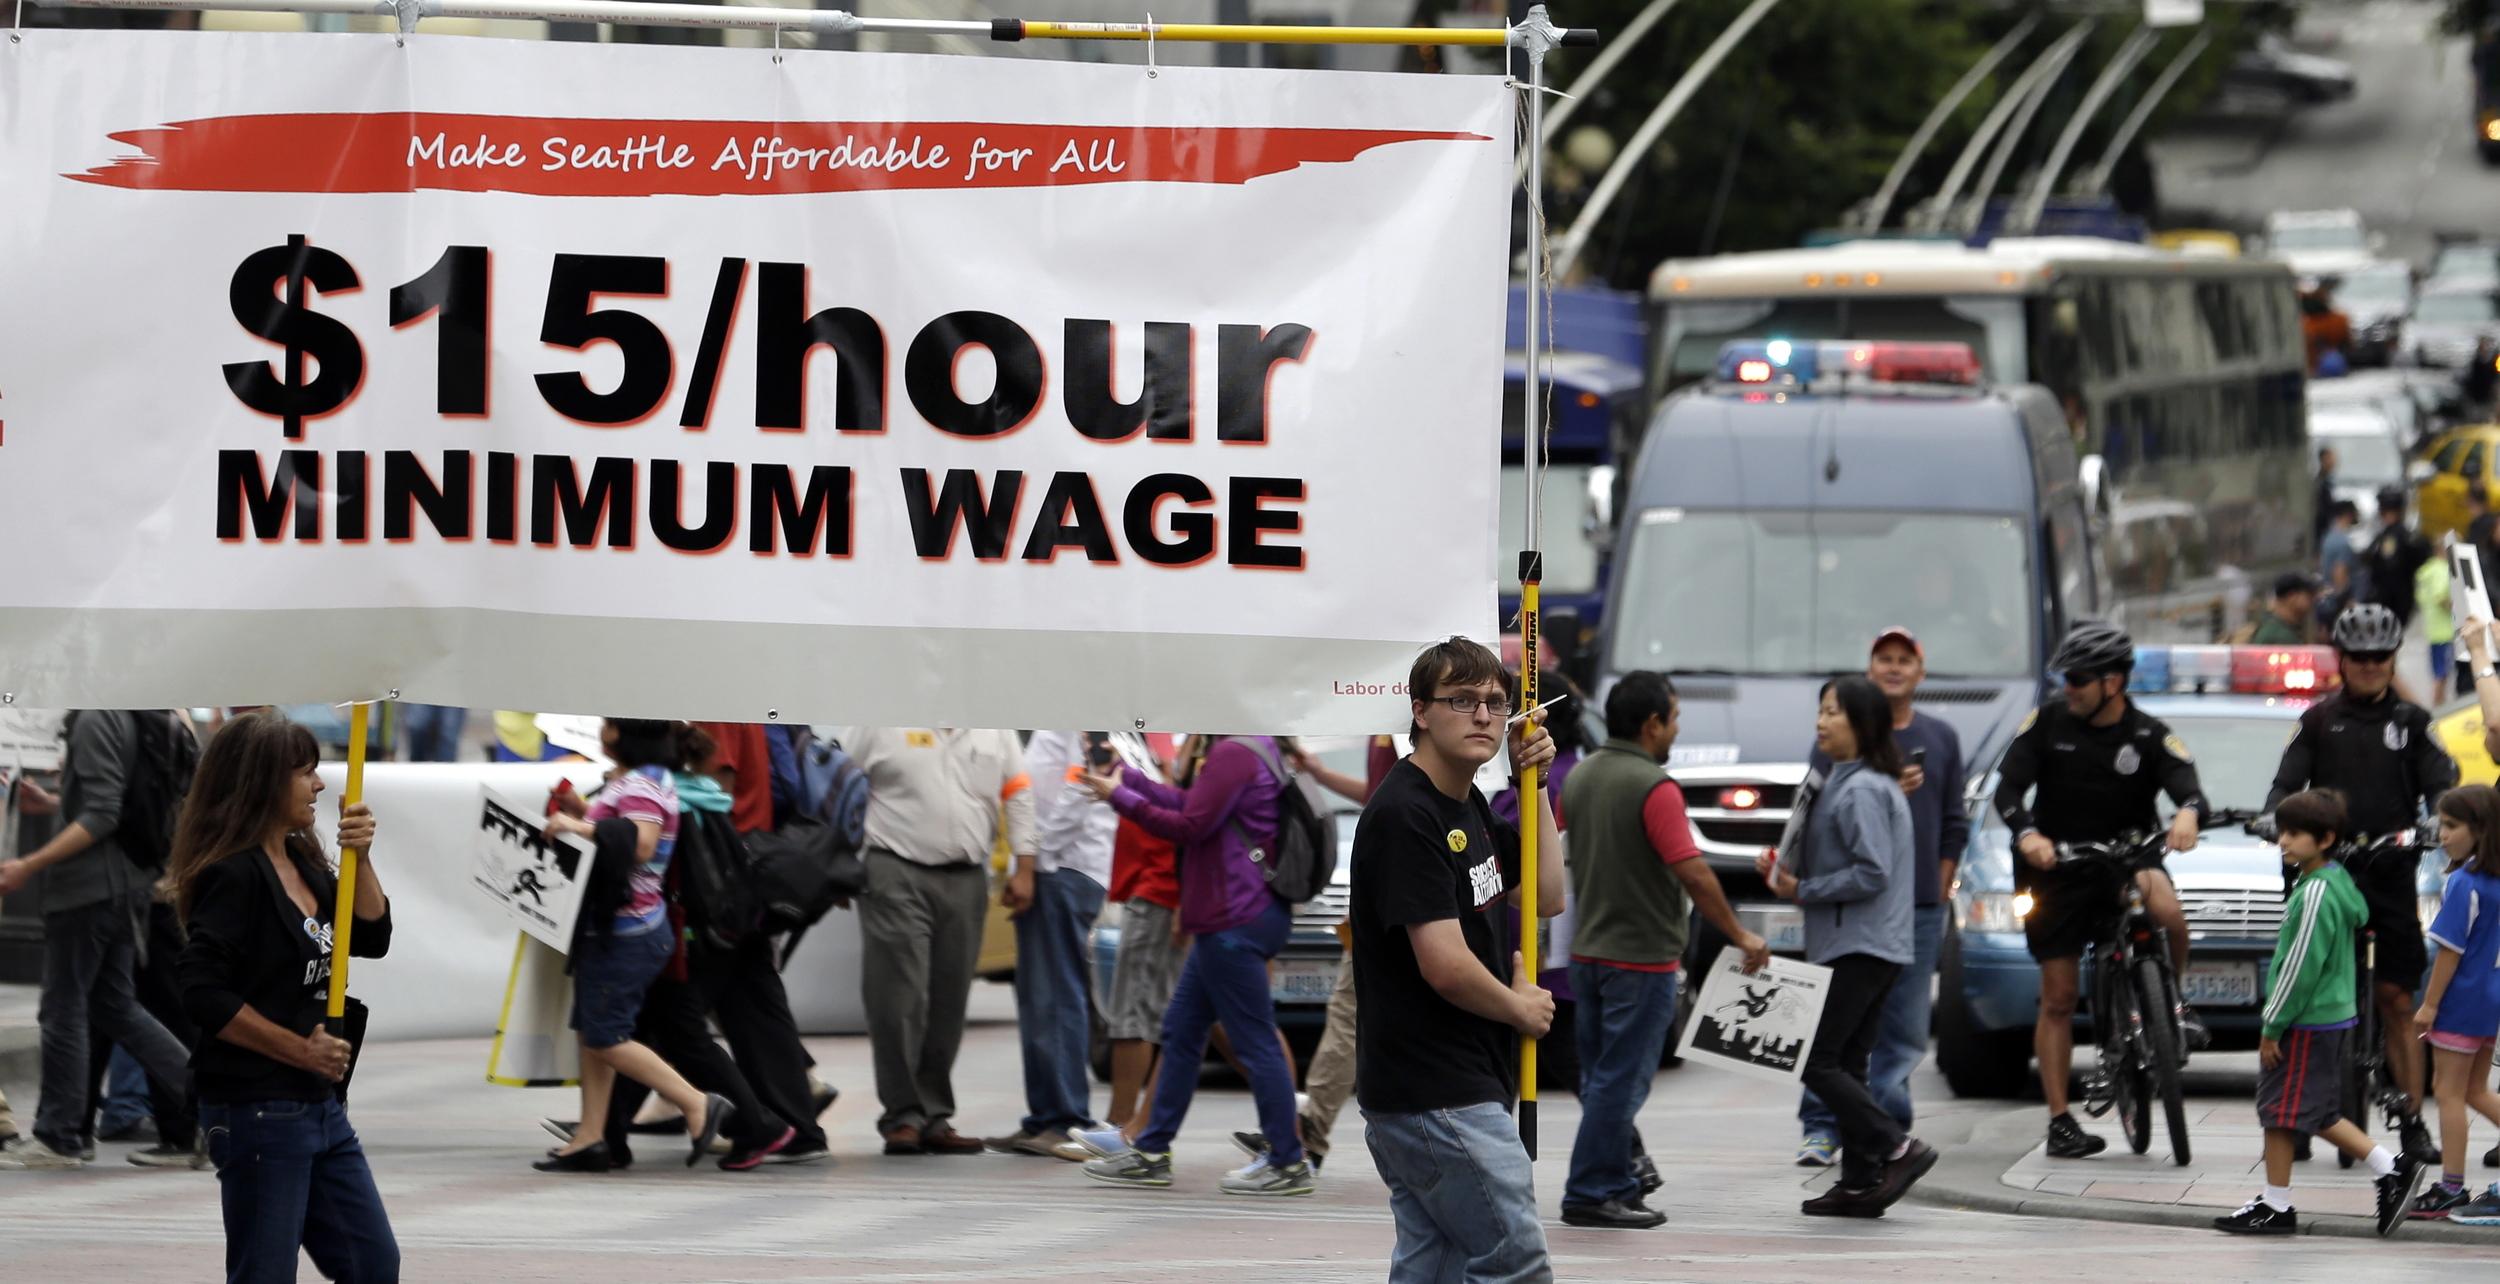 Seattle_Minimum_Wage.JPEG-0.jpg